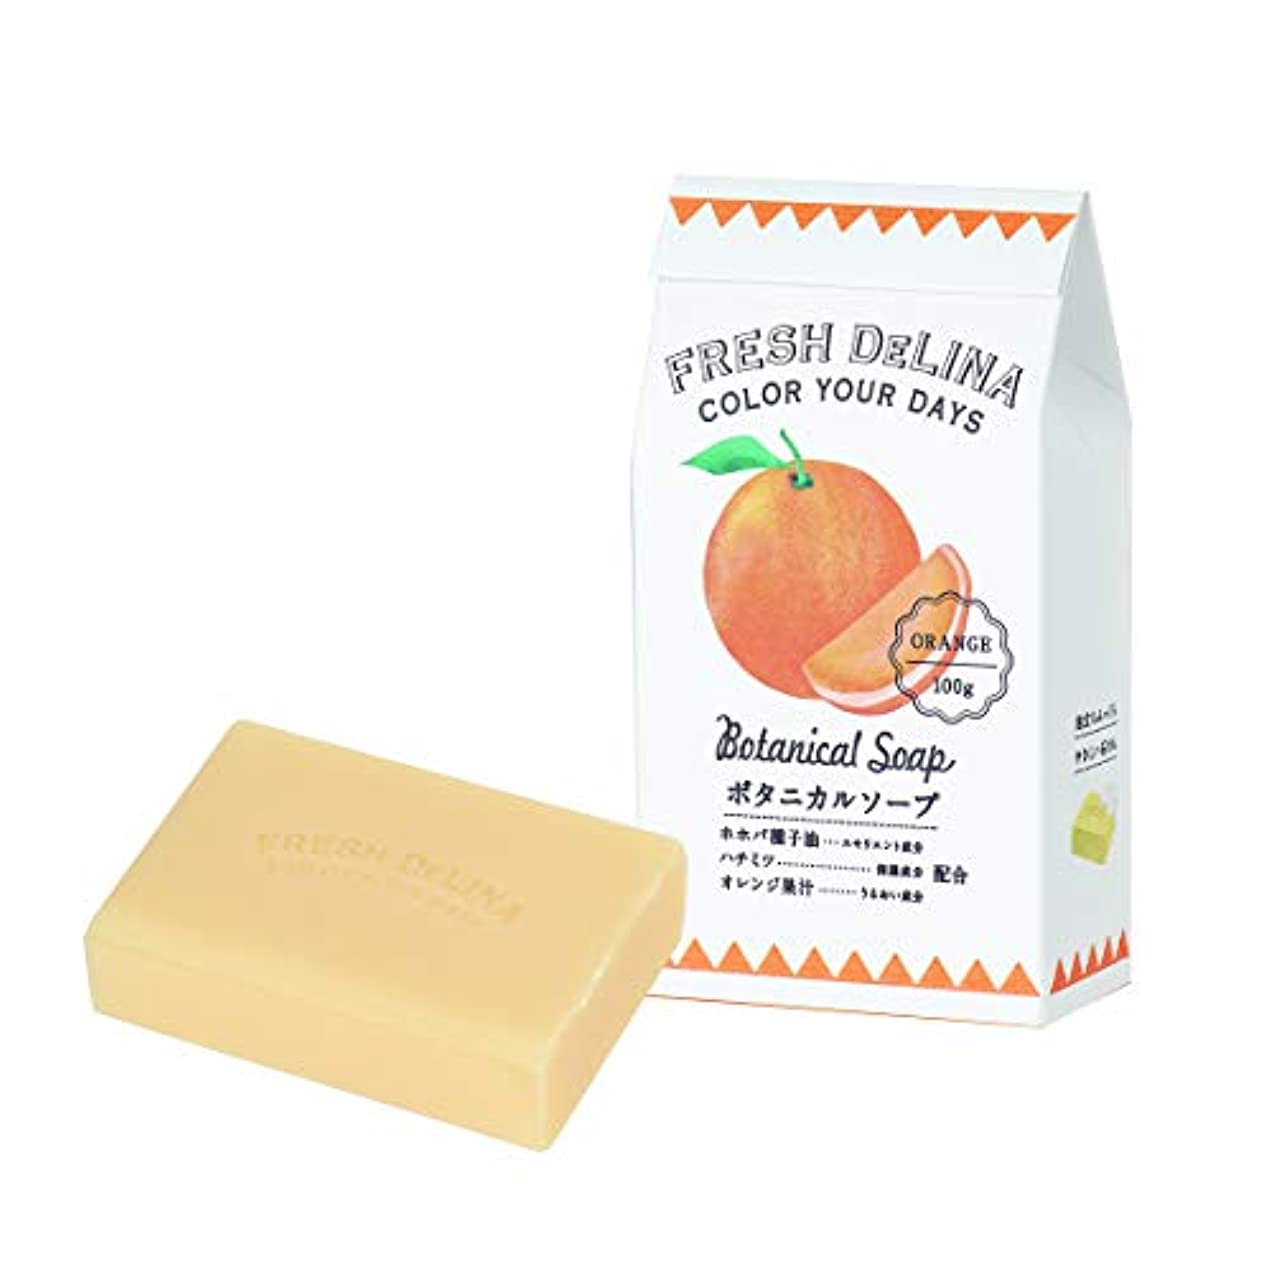 除外する印象葉フレッシュデリーナ ボタニカルソープ オレンジ 100g